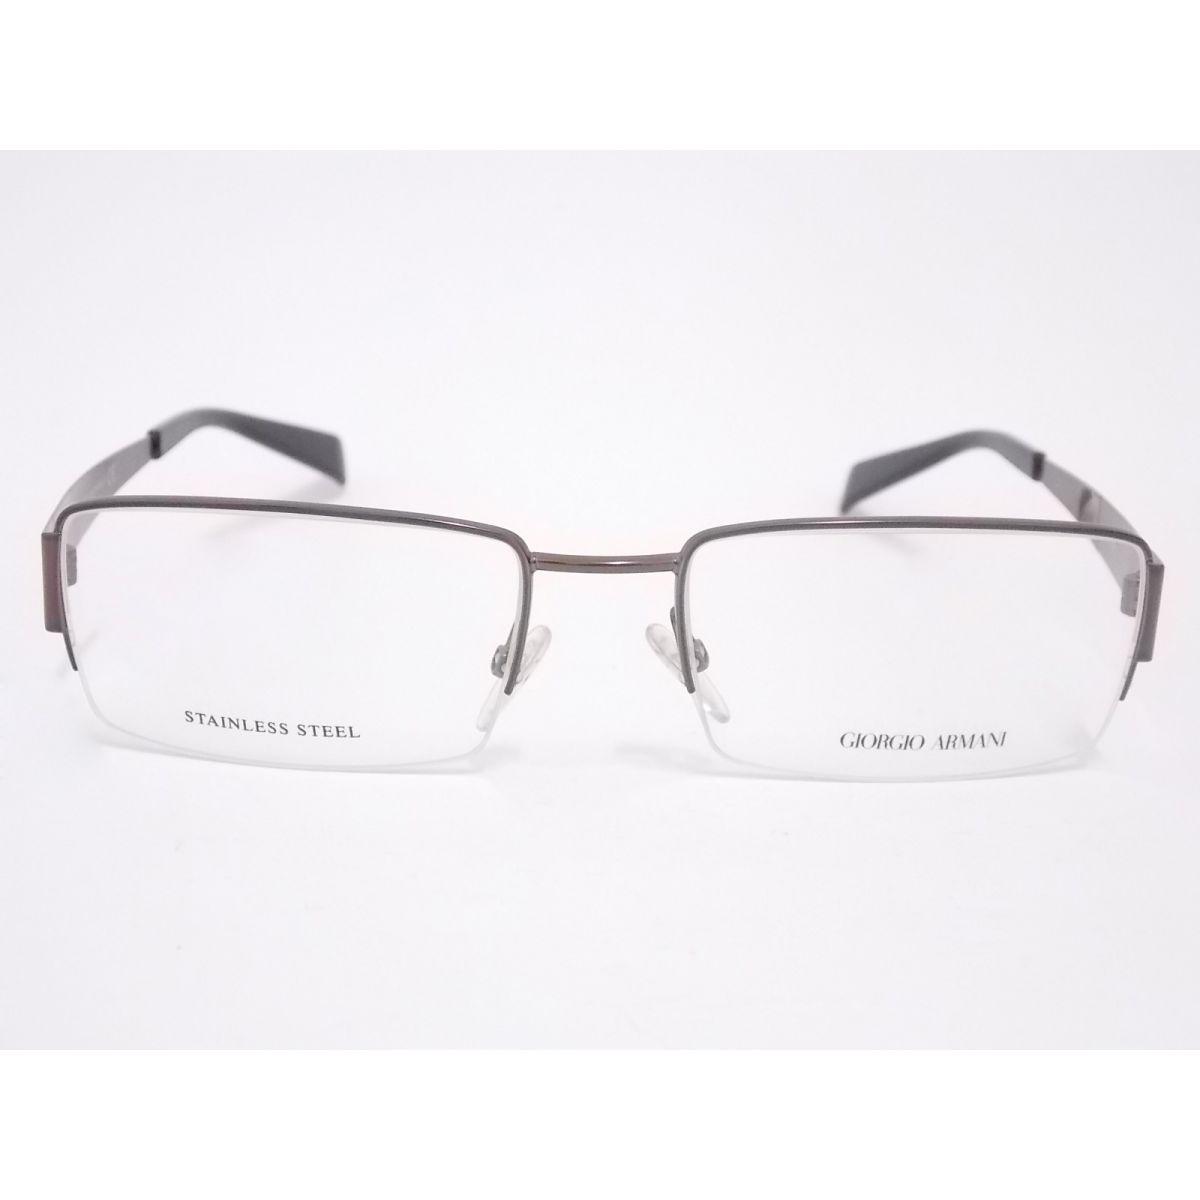 3dc444ce0 Óculos de Grau Giorgio Armani 244Giorgio ArmaniPromoçãoCompra segura ...